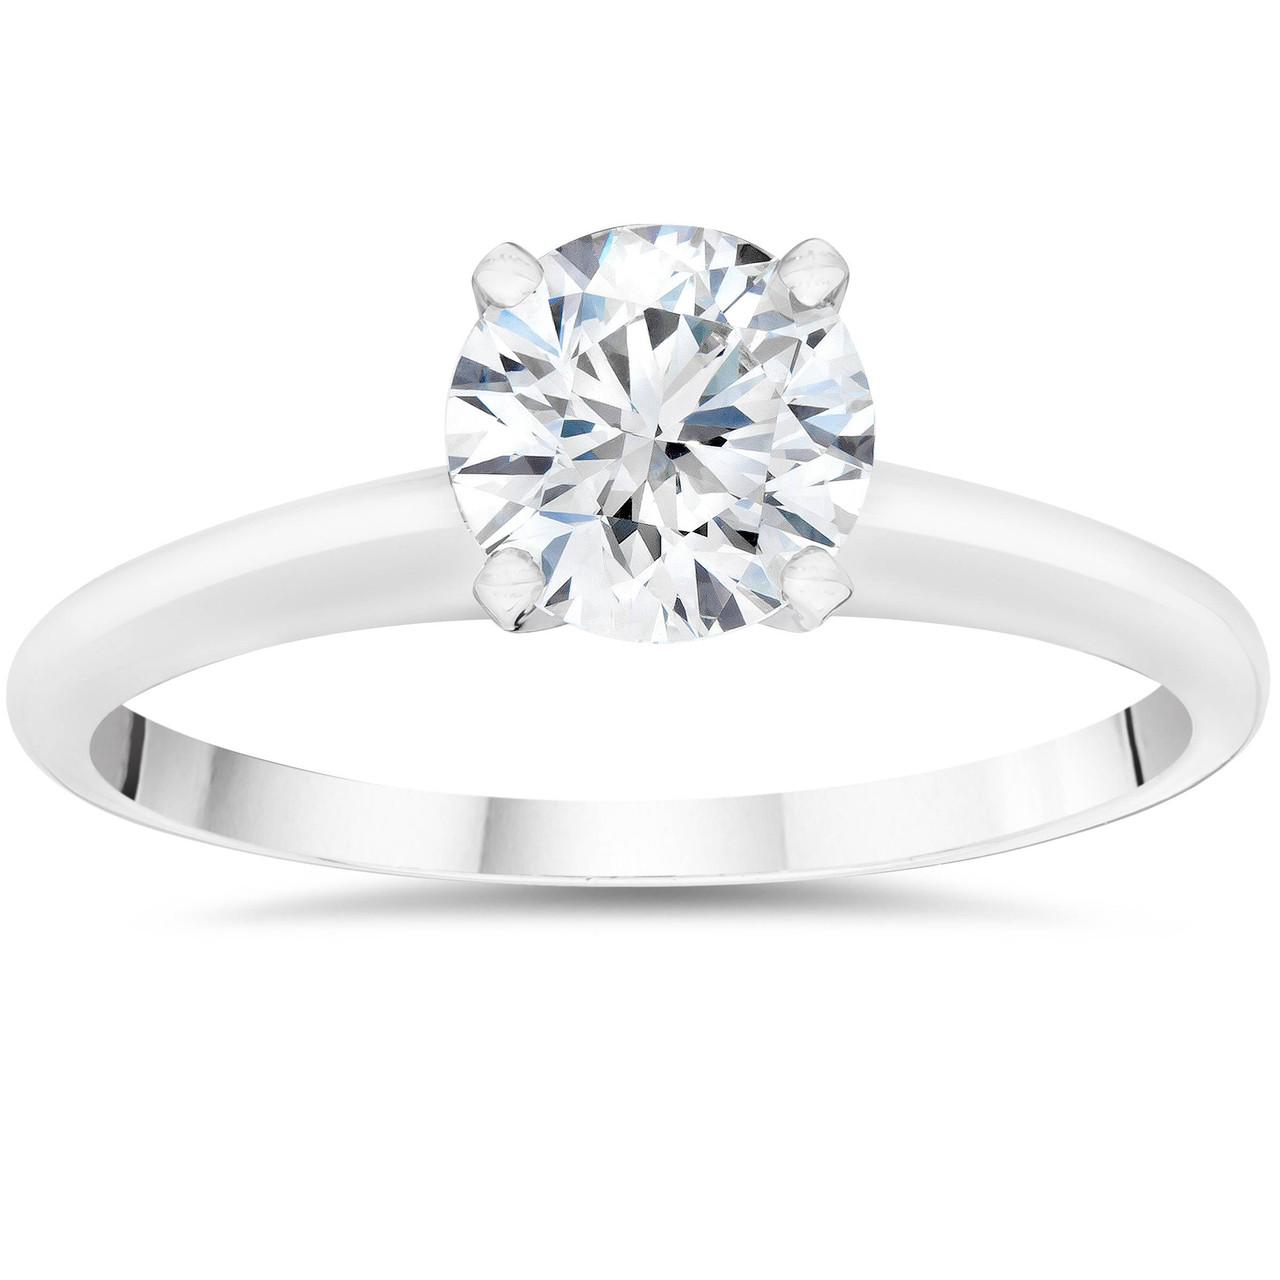 Platinum 1ct Round Brillilant Cut Enhanced Diamond Engagement Ring f3cd0321c3